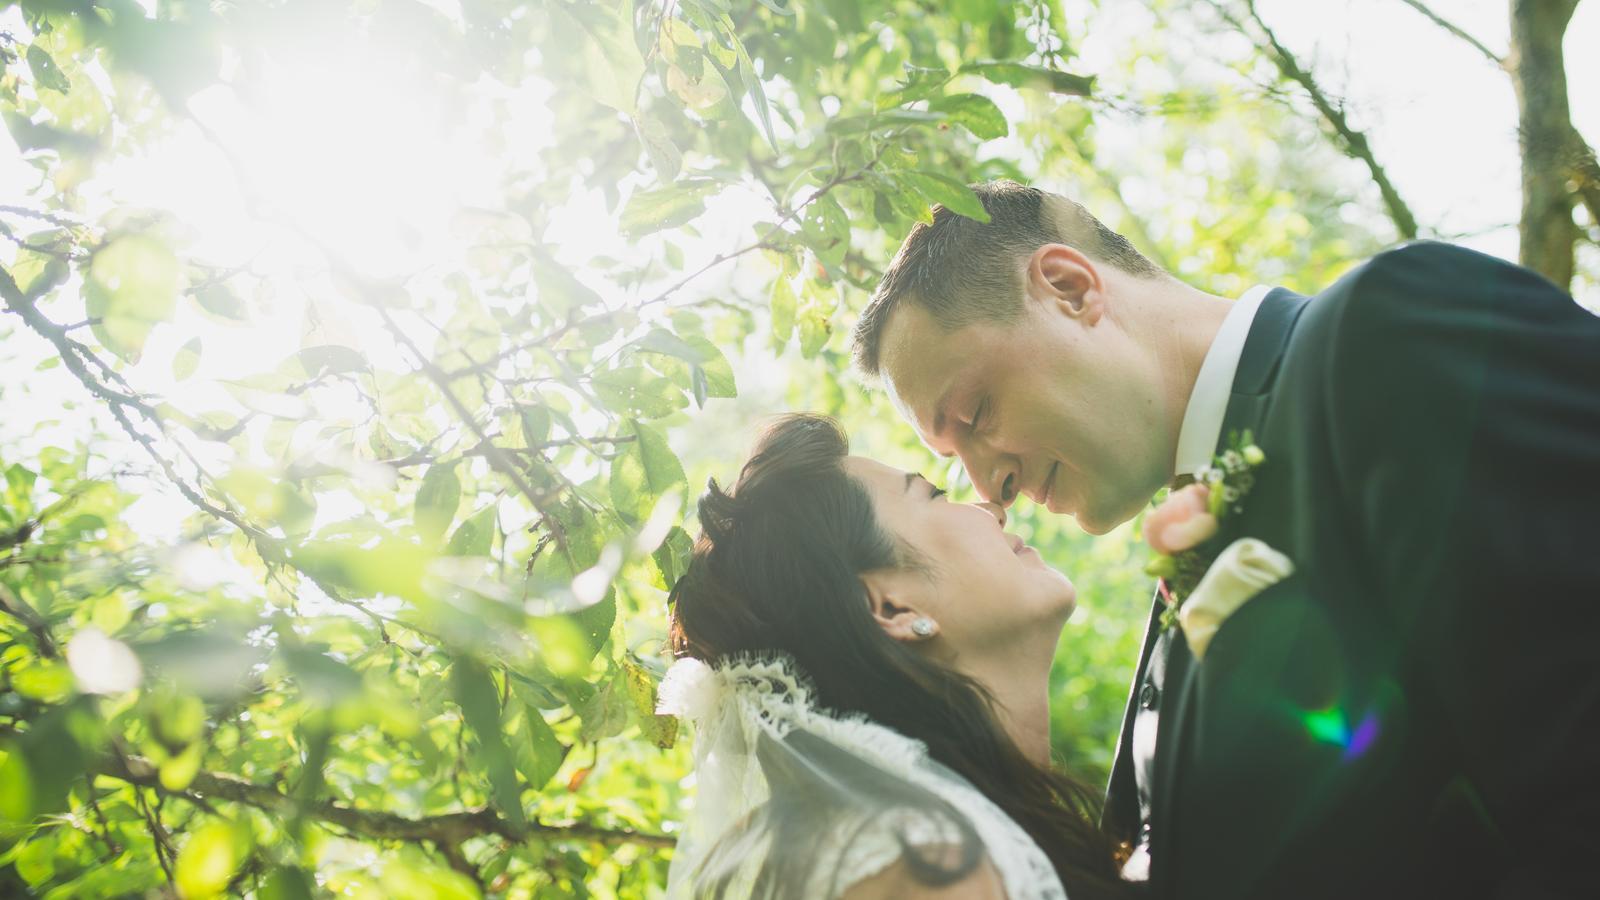 Rebecca + Marcel - Součástí resortu je i parádní jablečný sad. Hezky se v něm fotí. :-)